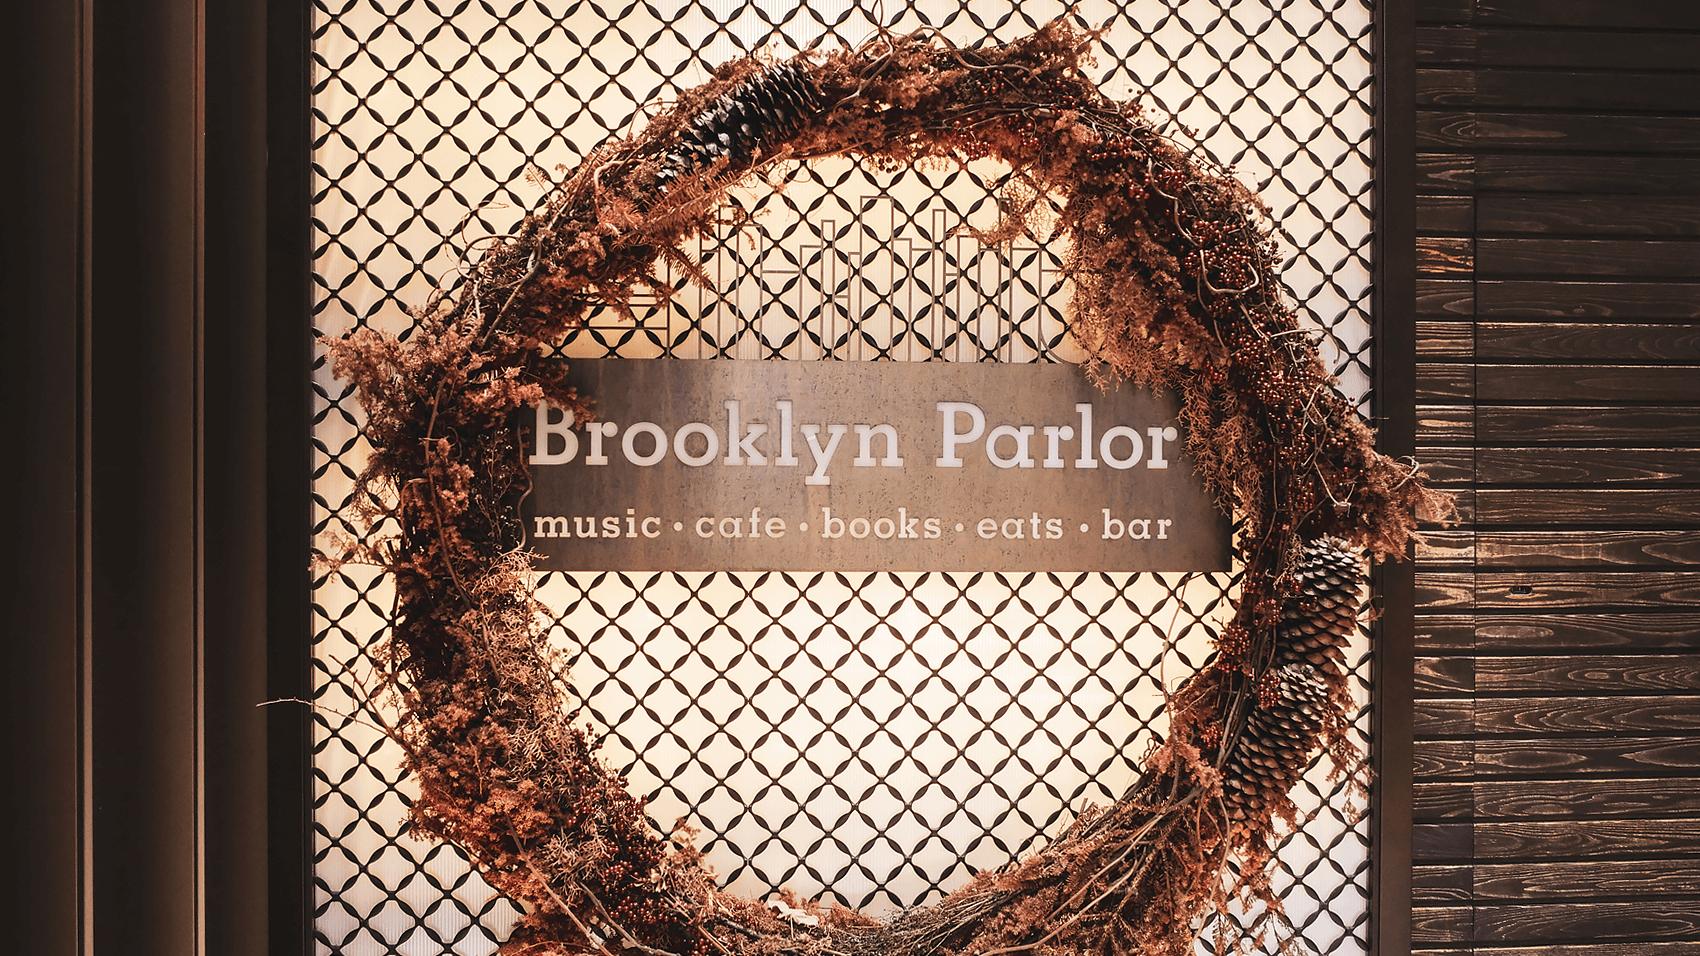 Brooklyn Parlorのリース看板